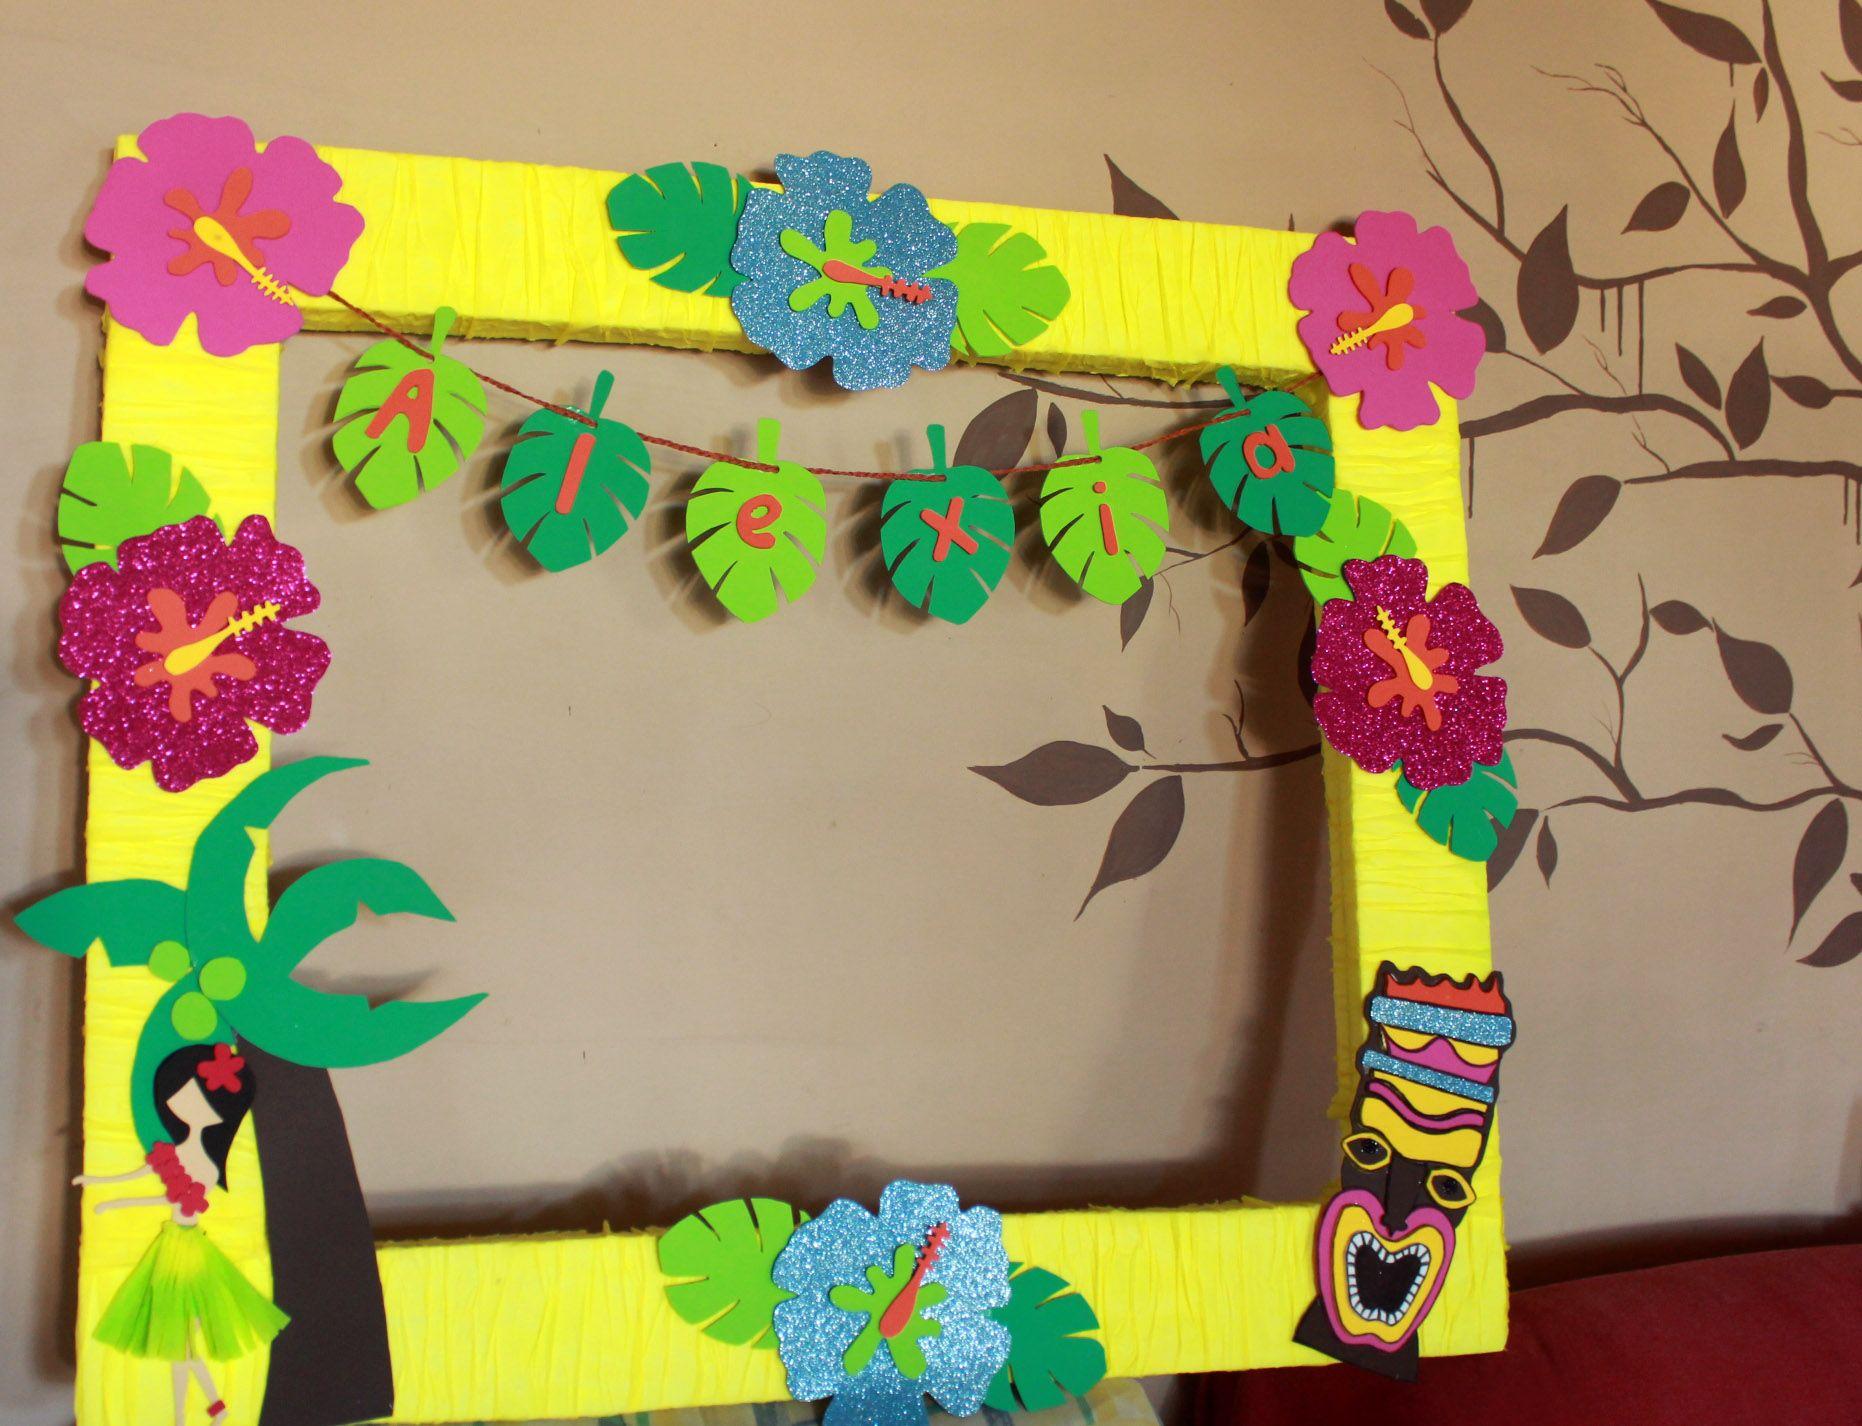 Hawaiana Yuri, Decoración Hawaiana, Decoración Fiesta Hawaiana, Cumpleaños  Hawaiano, Hawaianas Fiestas, Hawai Fiestas, Fiveteen Party, Ideas  Hawaianas,